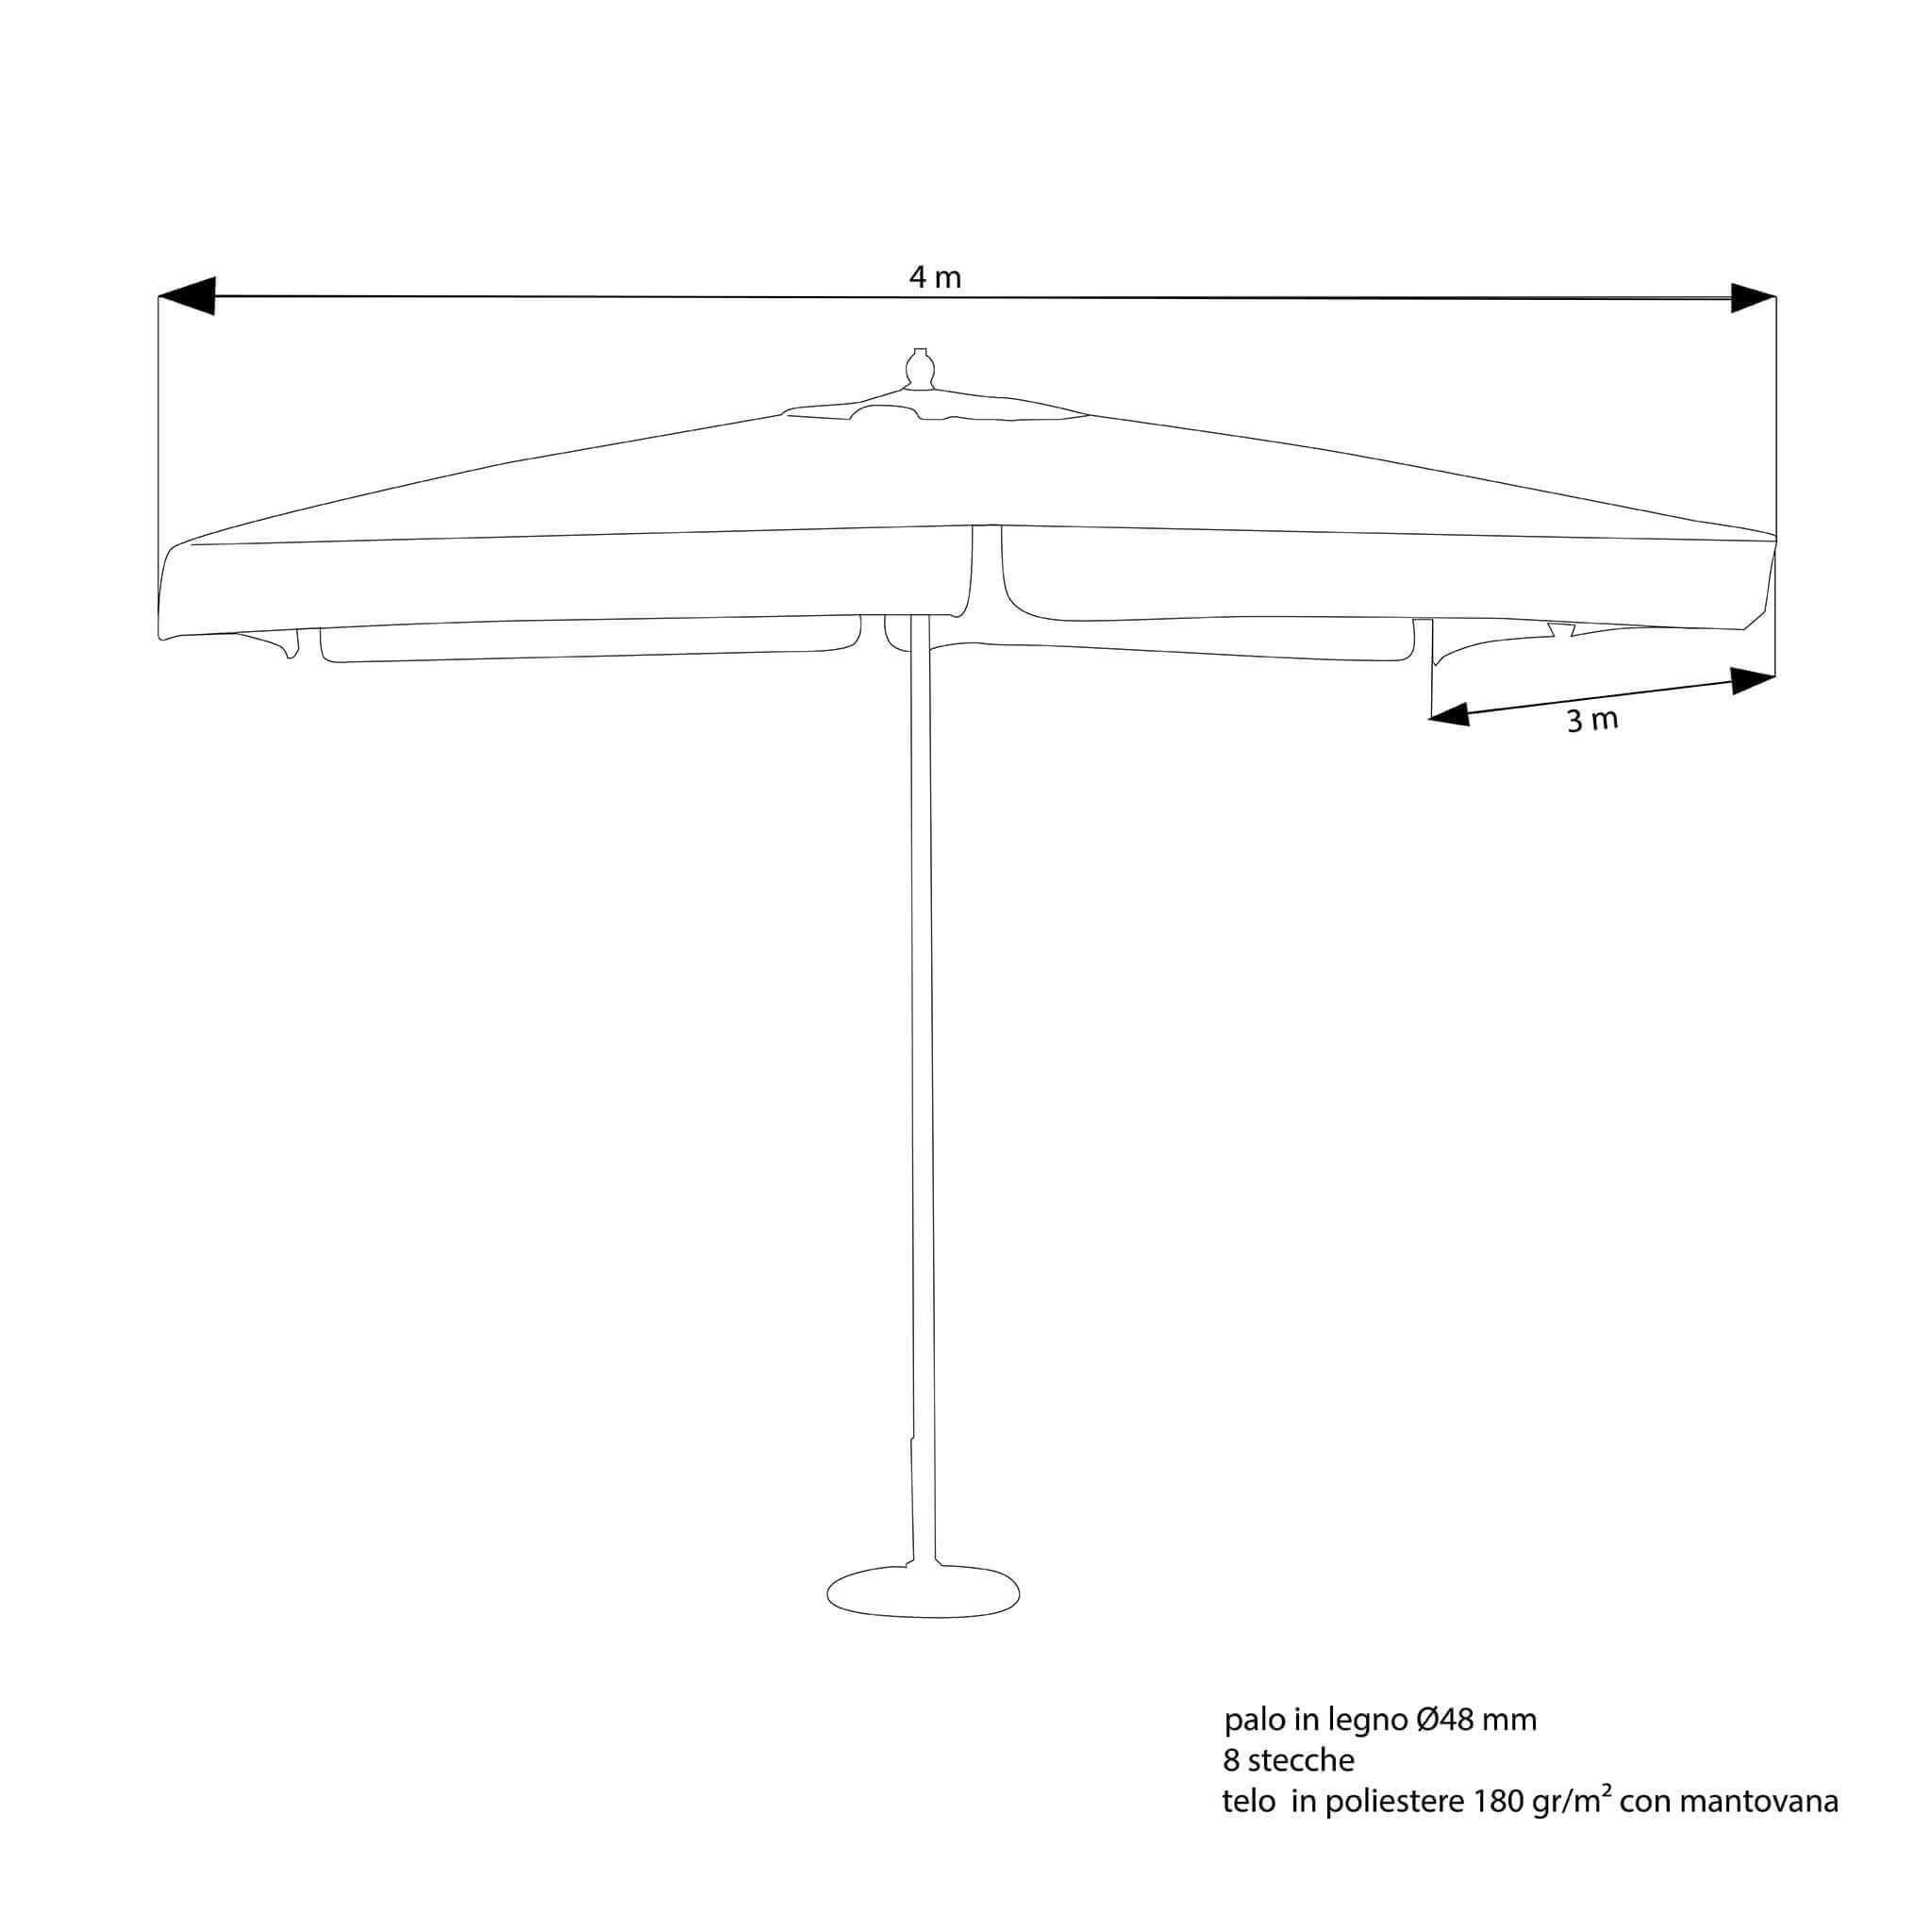 milani home dominus - ombrellone da giardino 3x4 palo centrale in legno